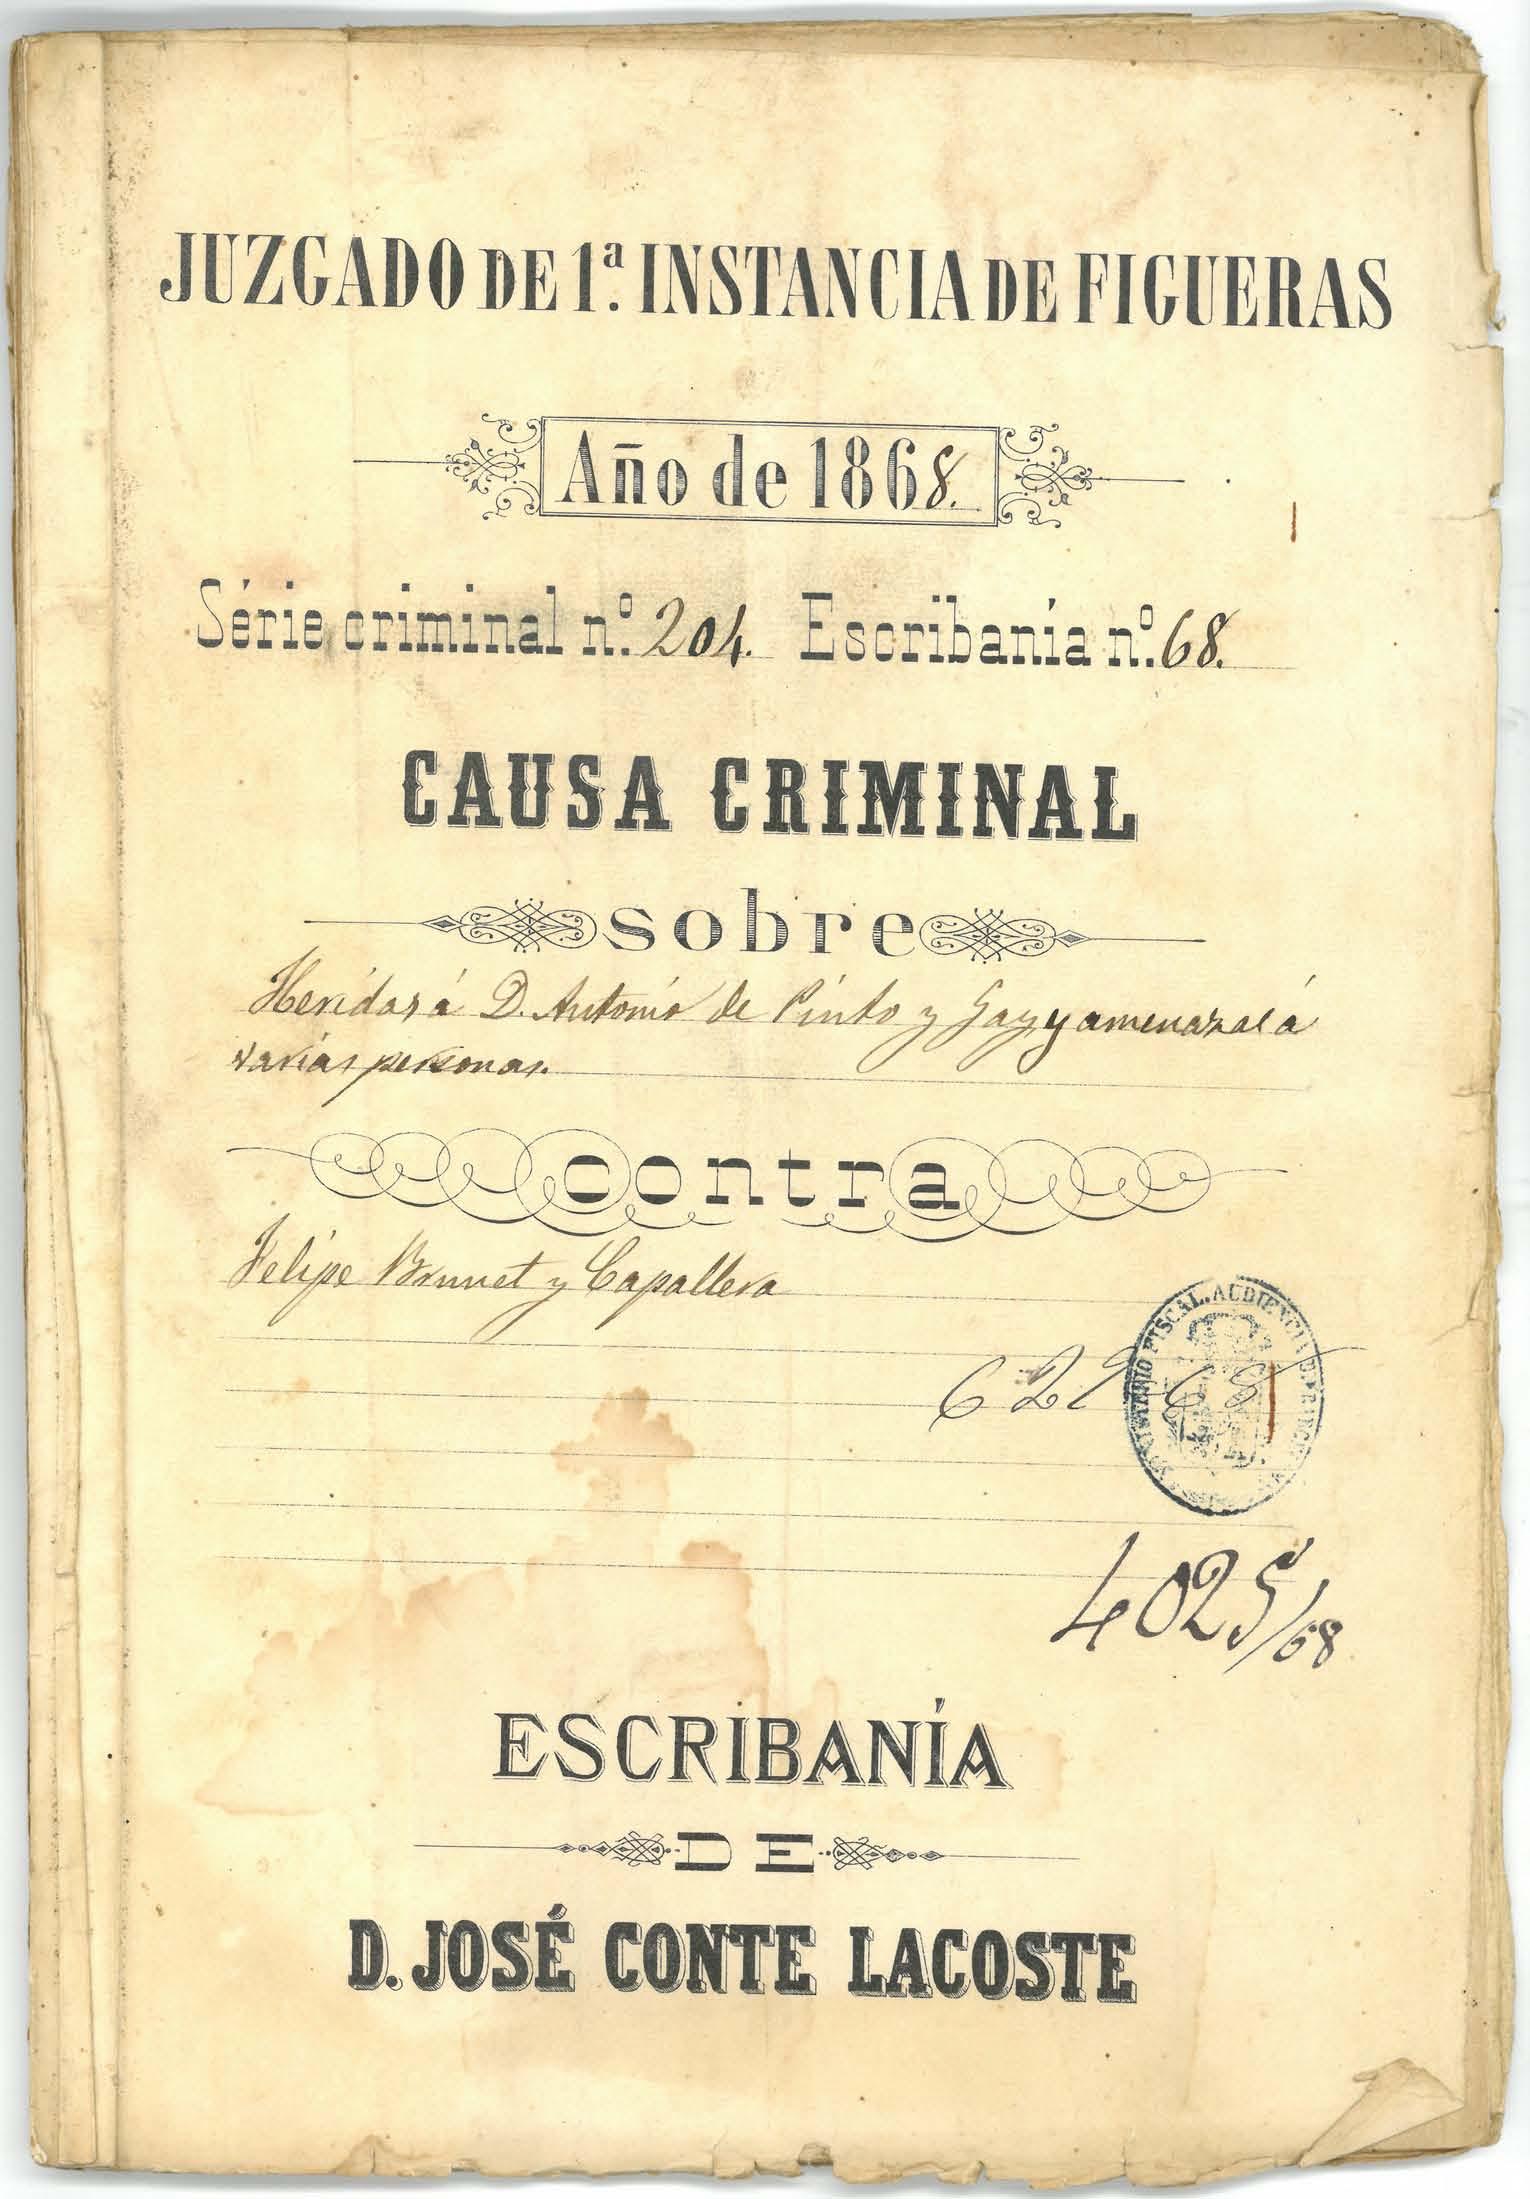 Una causa judicial per un cop de puny i amenaces de mort, en el Document del Mes de l'Arxiu de Roses